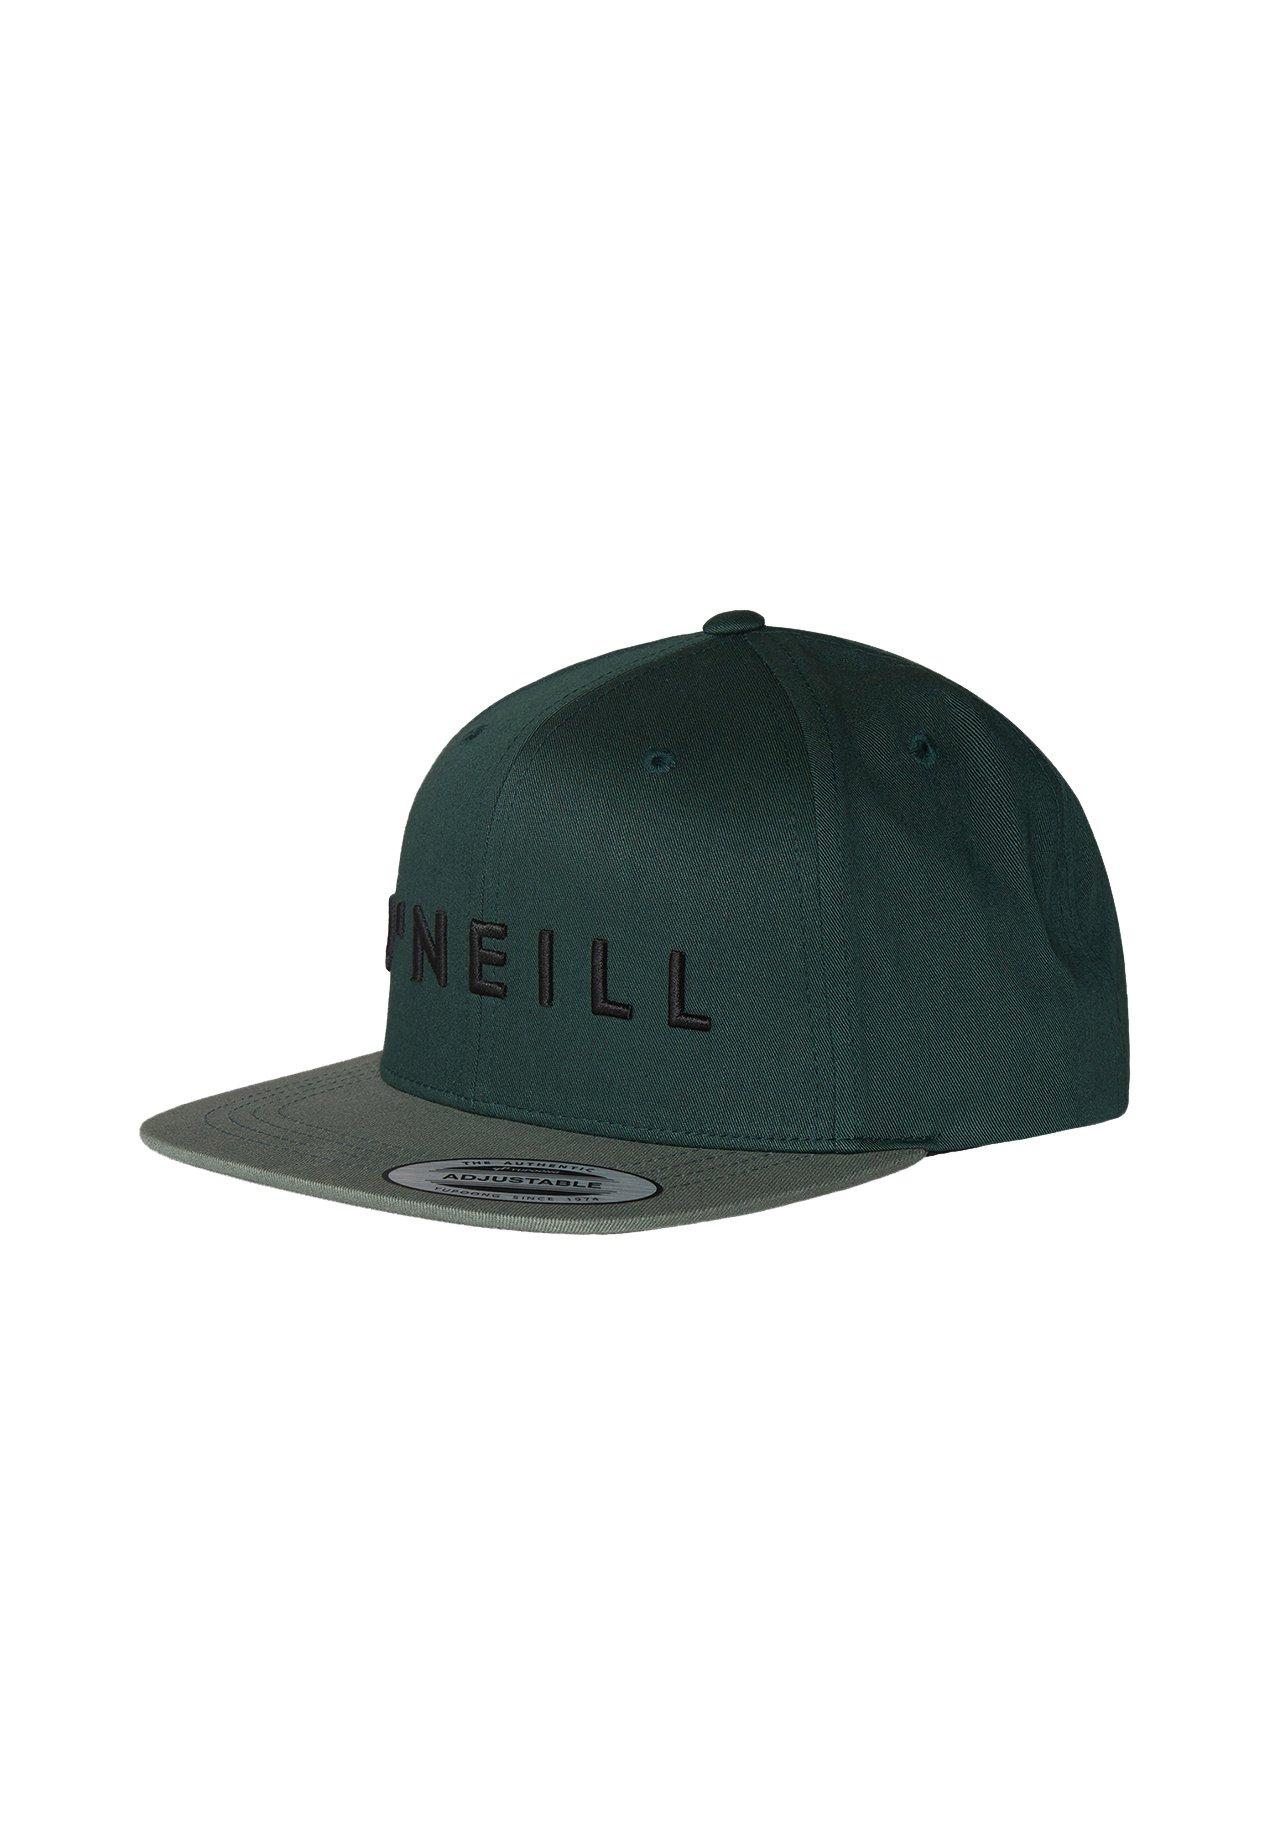 O'neill Cap - Panderosa Pine/dunkelgrün